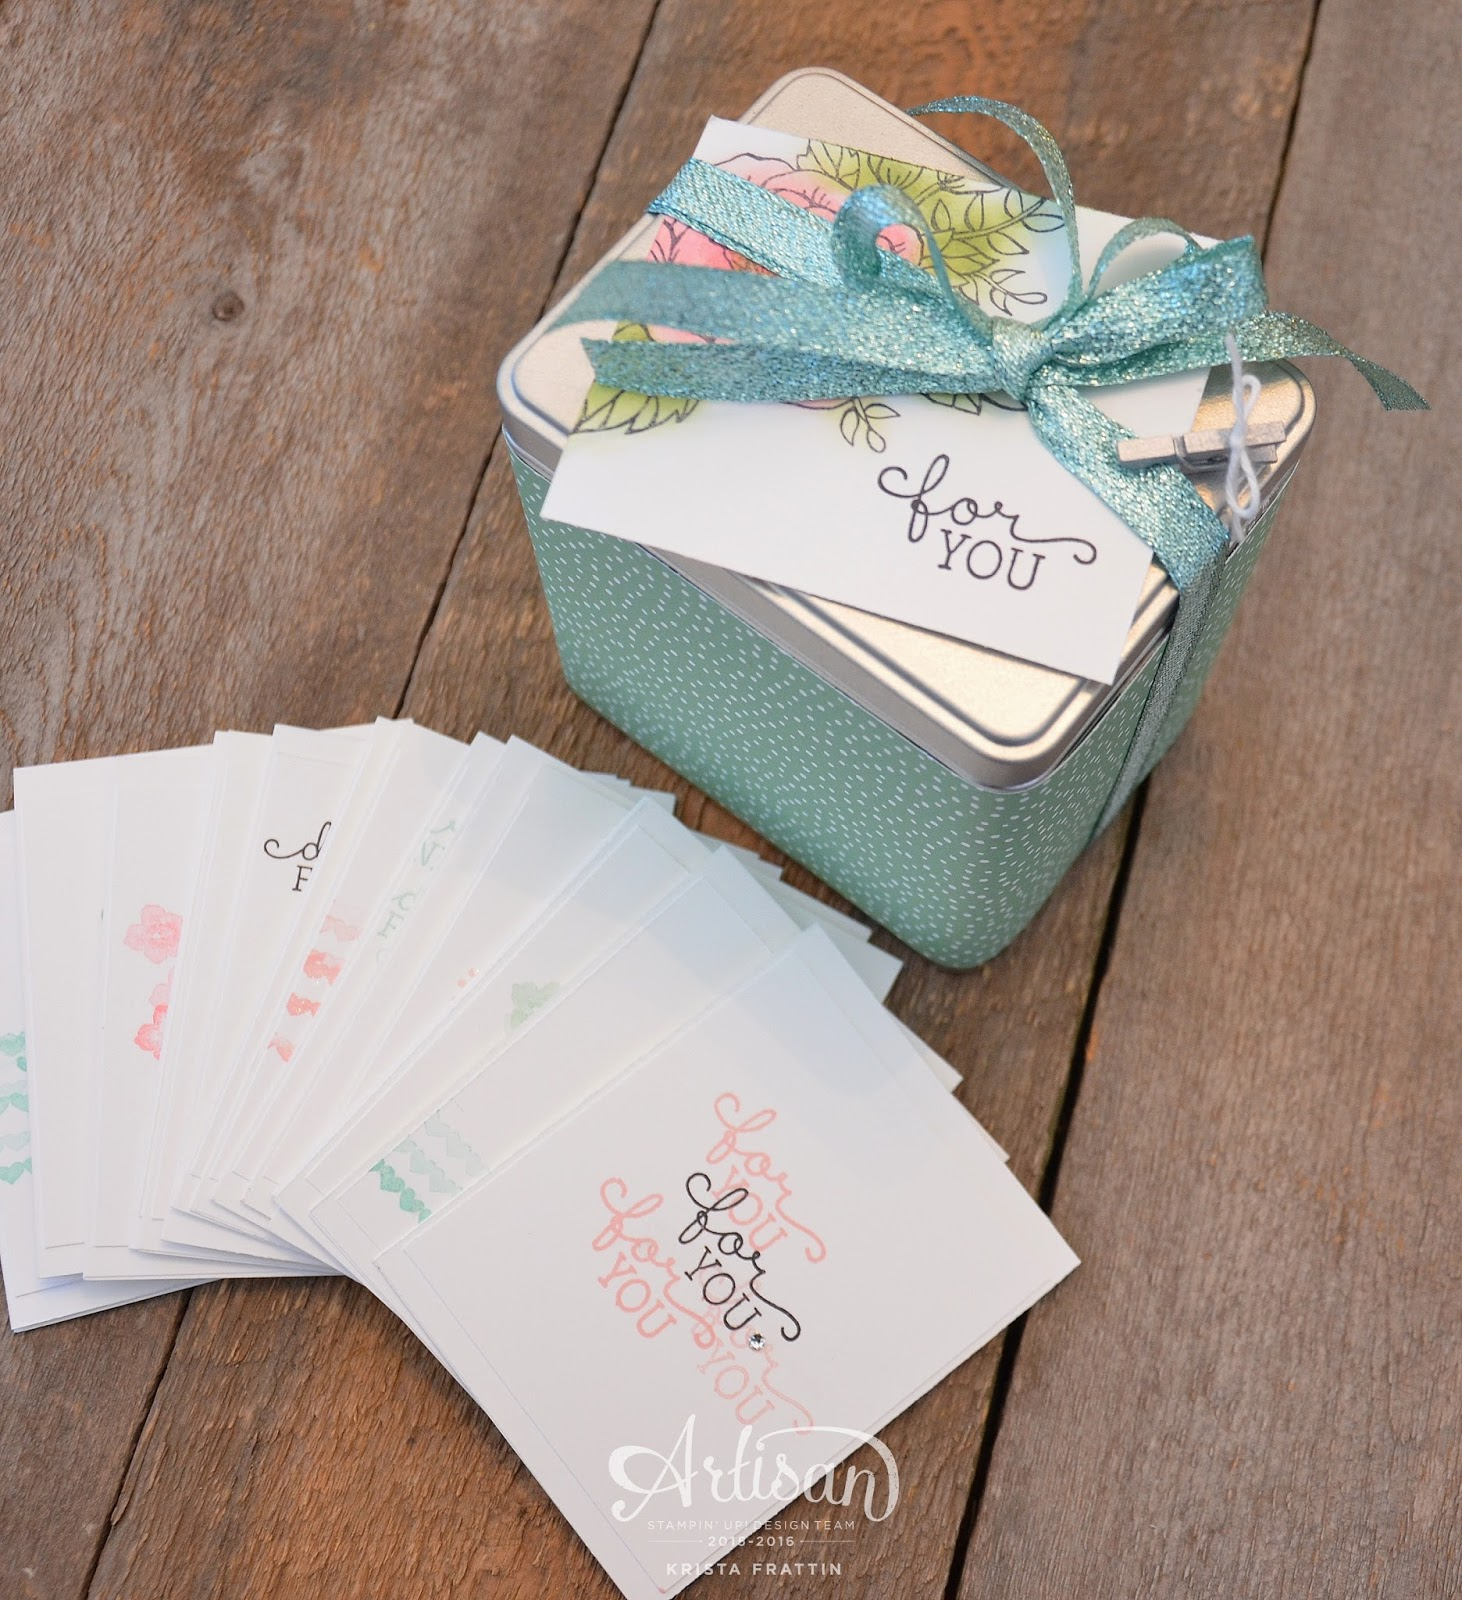 stampin dolce tea tin of cards artisan design team blog hop